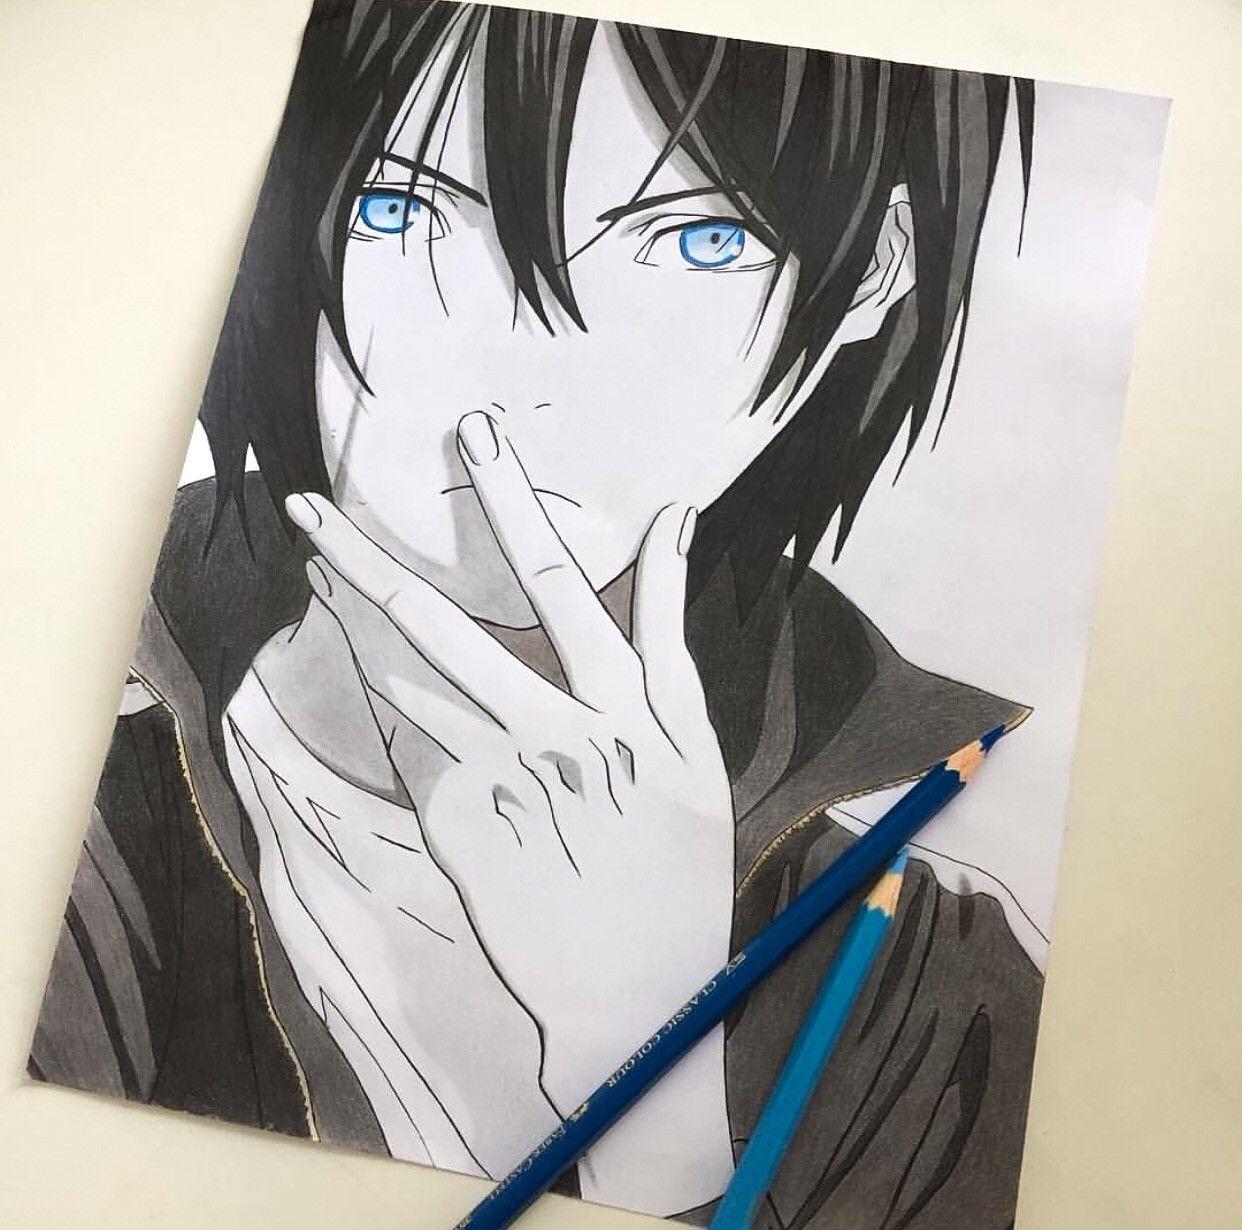 Картинки ято из аниме бездомный бог для срисовки